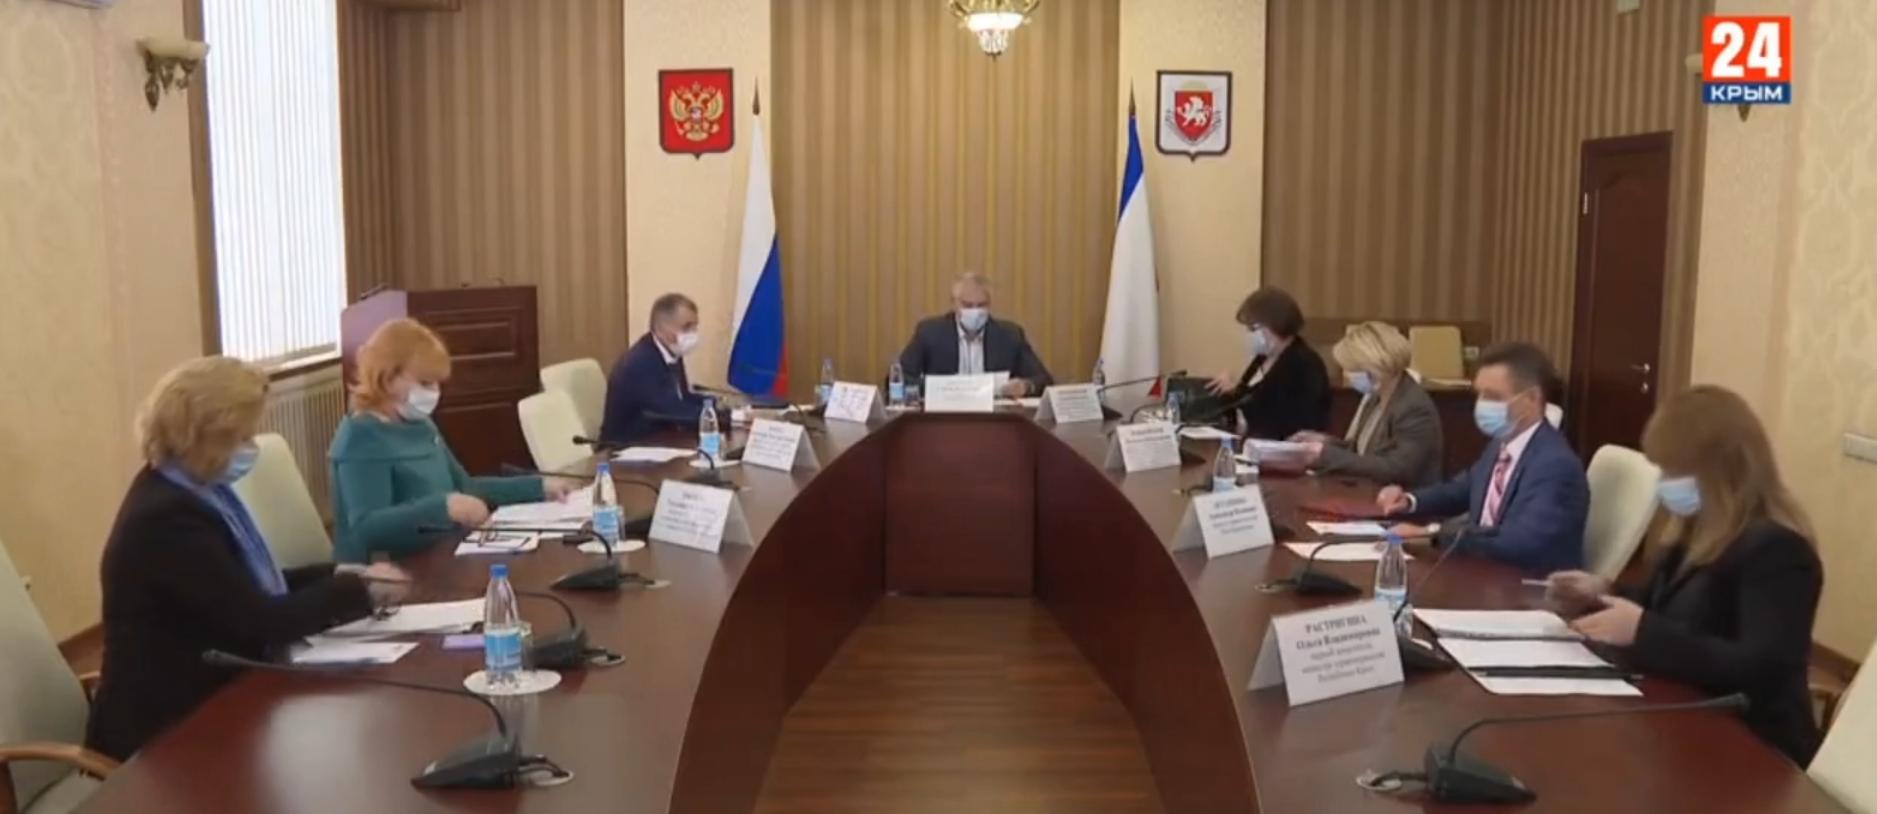 В Крыму вместо оперативного штаба по коронавирусу будут проводить брифинги